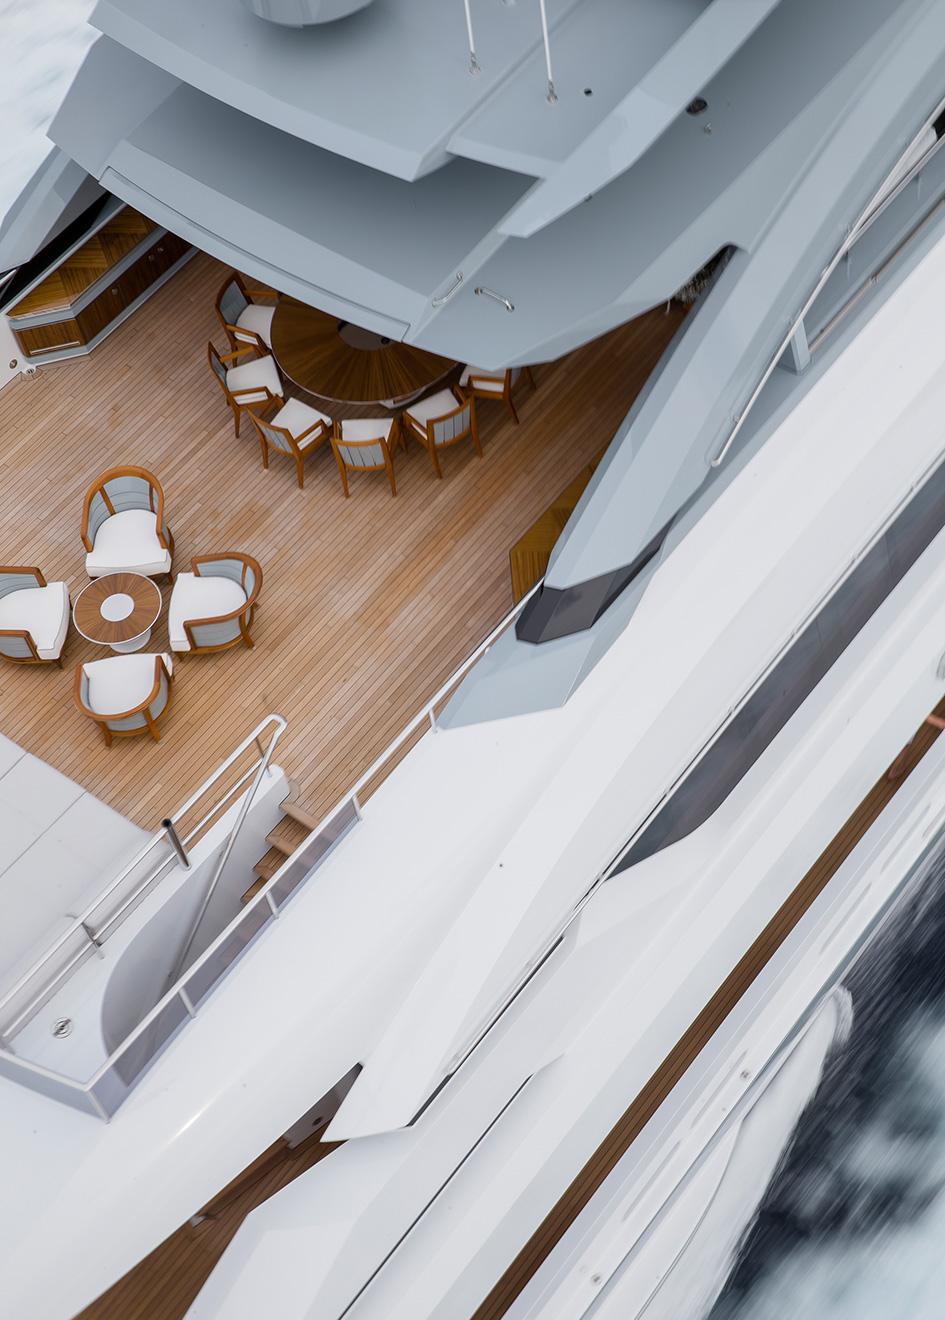 upper-deck-detail-on-heesen-flagship-yacht-galactica-super-nova